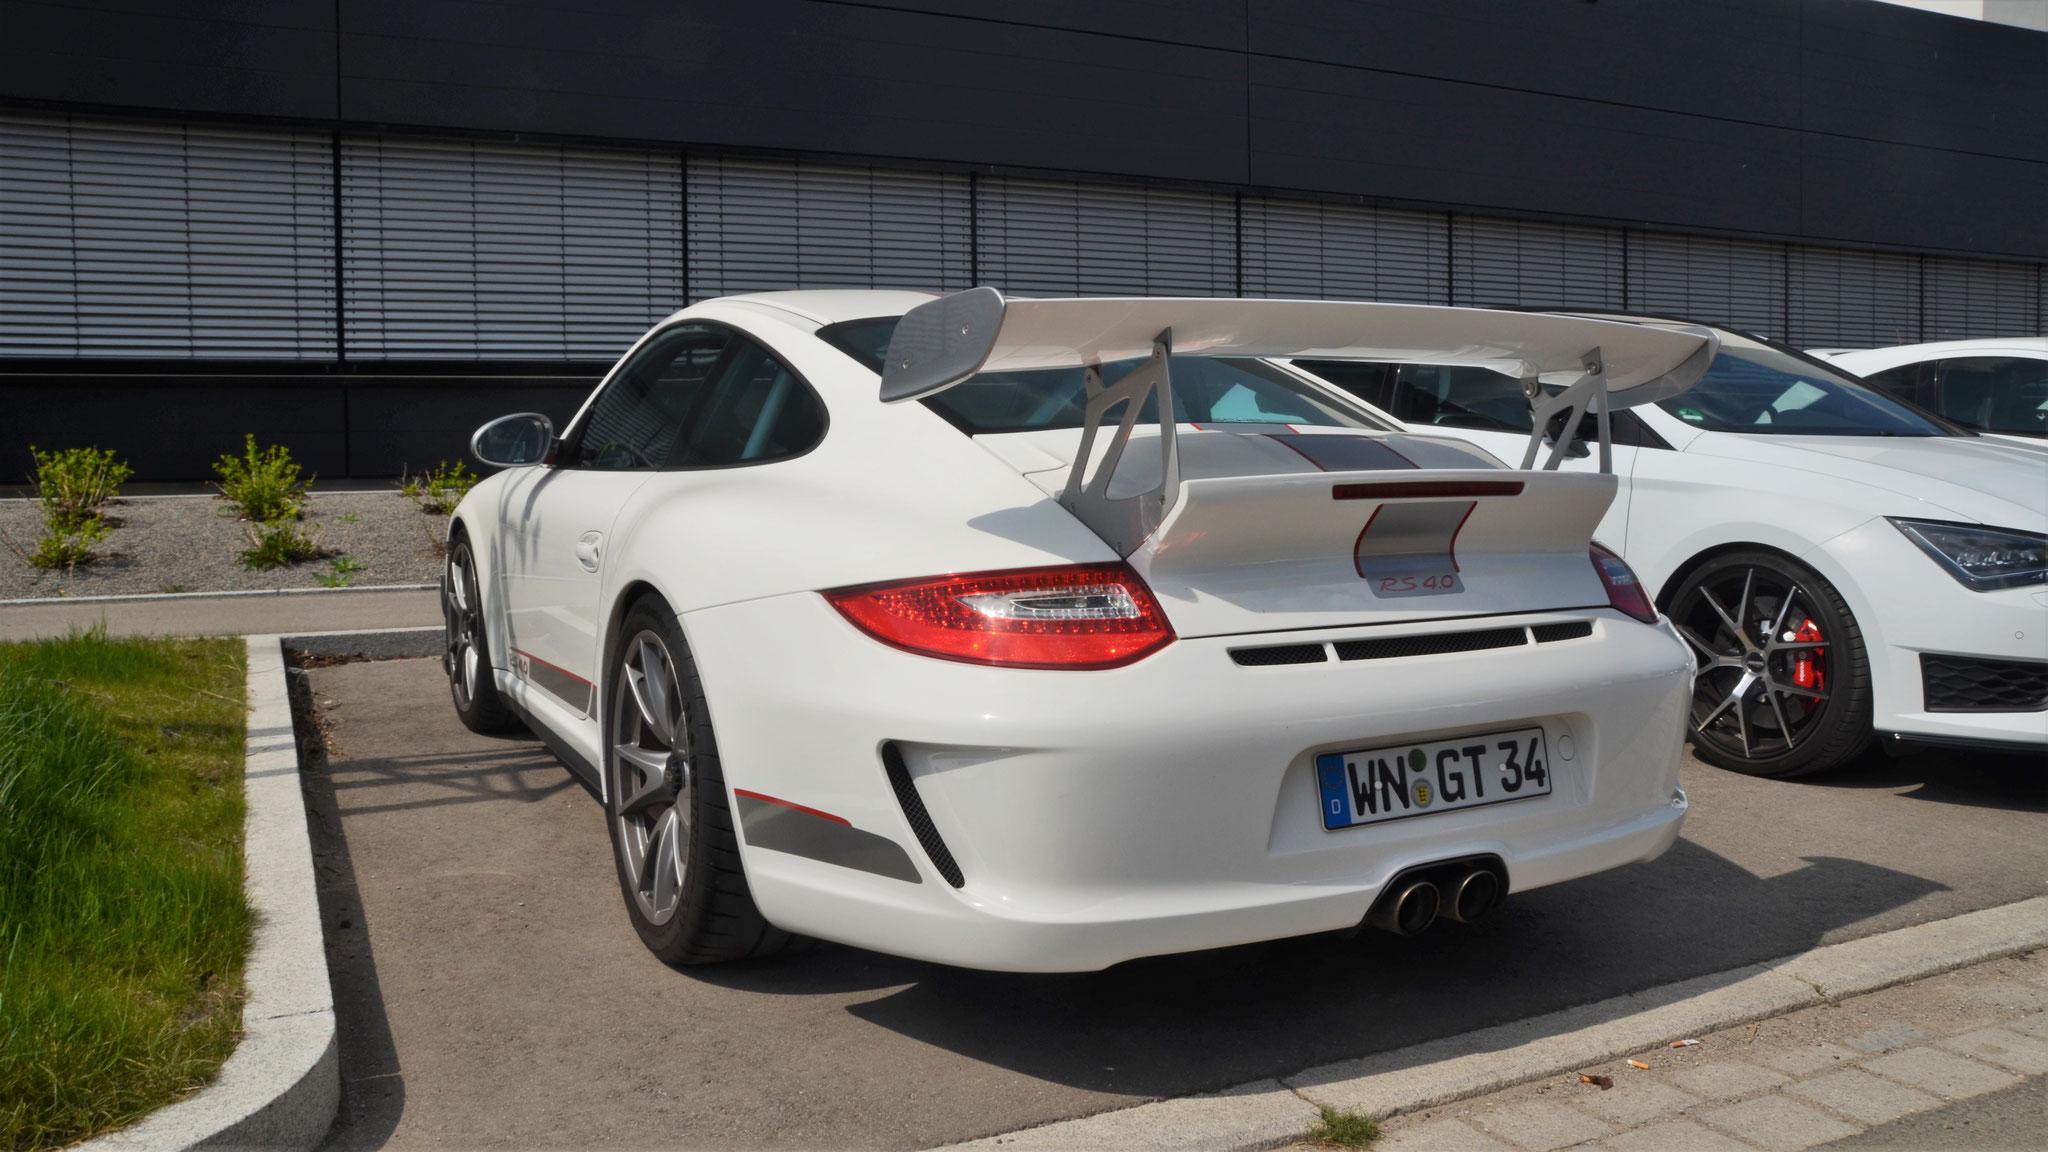 Porsche 911 GT3 RS 4.0 - WN-GT-34